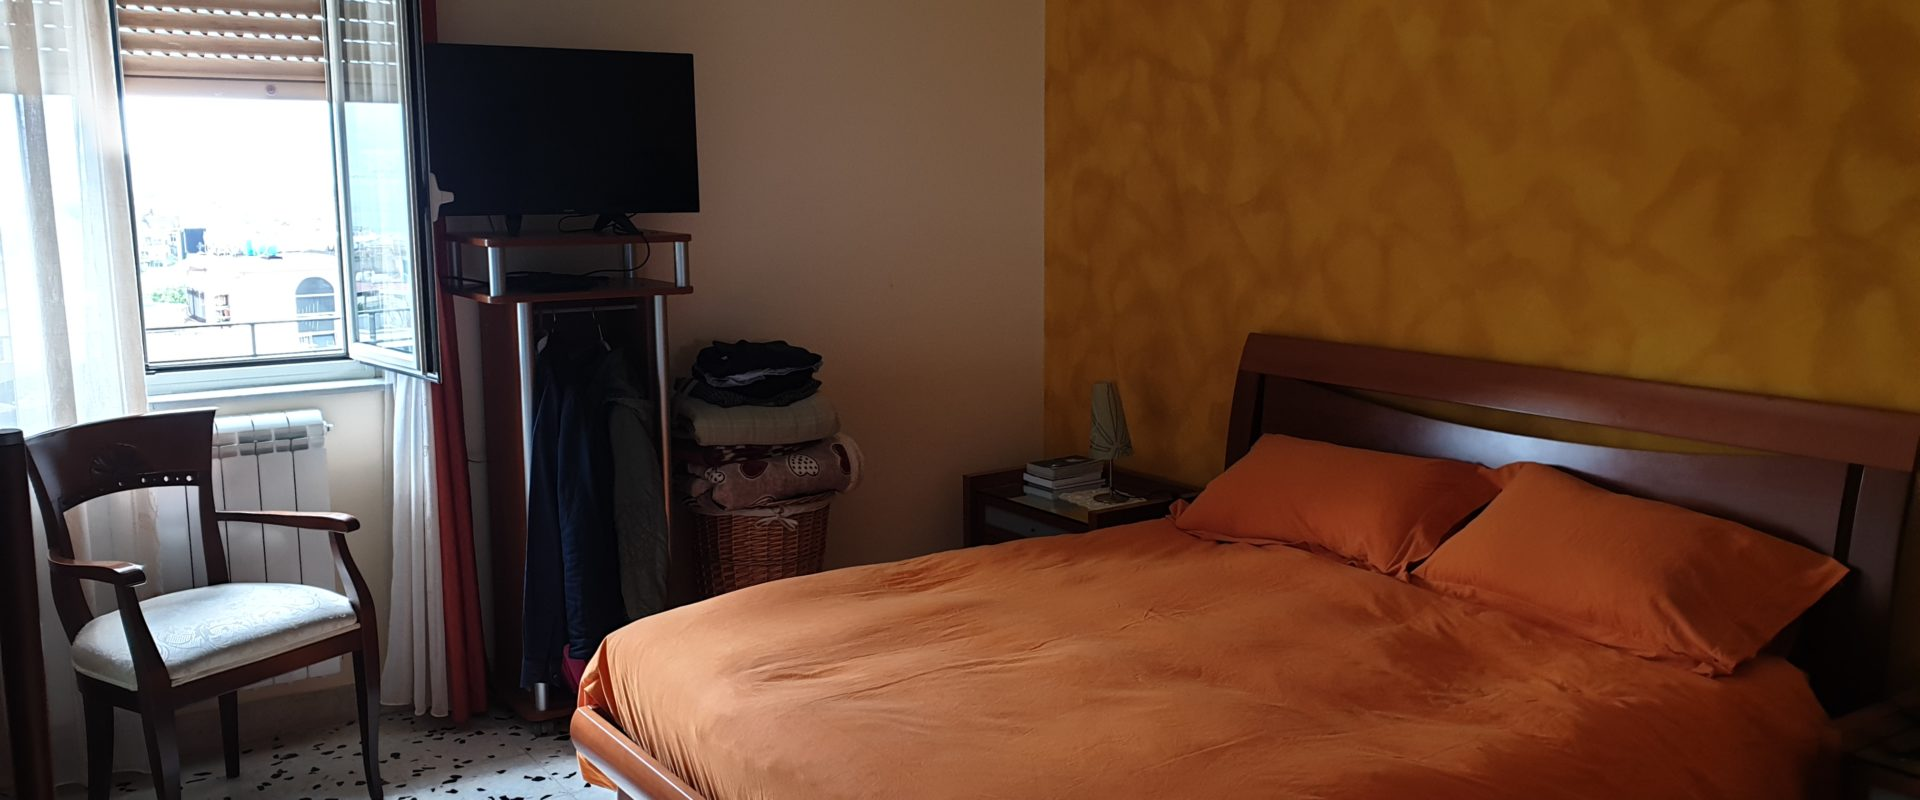 Appartamento in affitto Viale regina elena